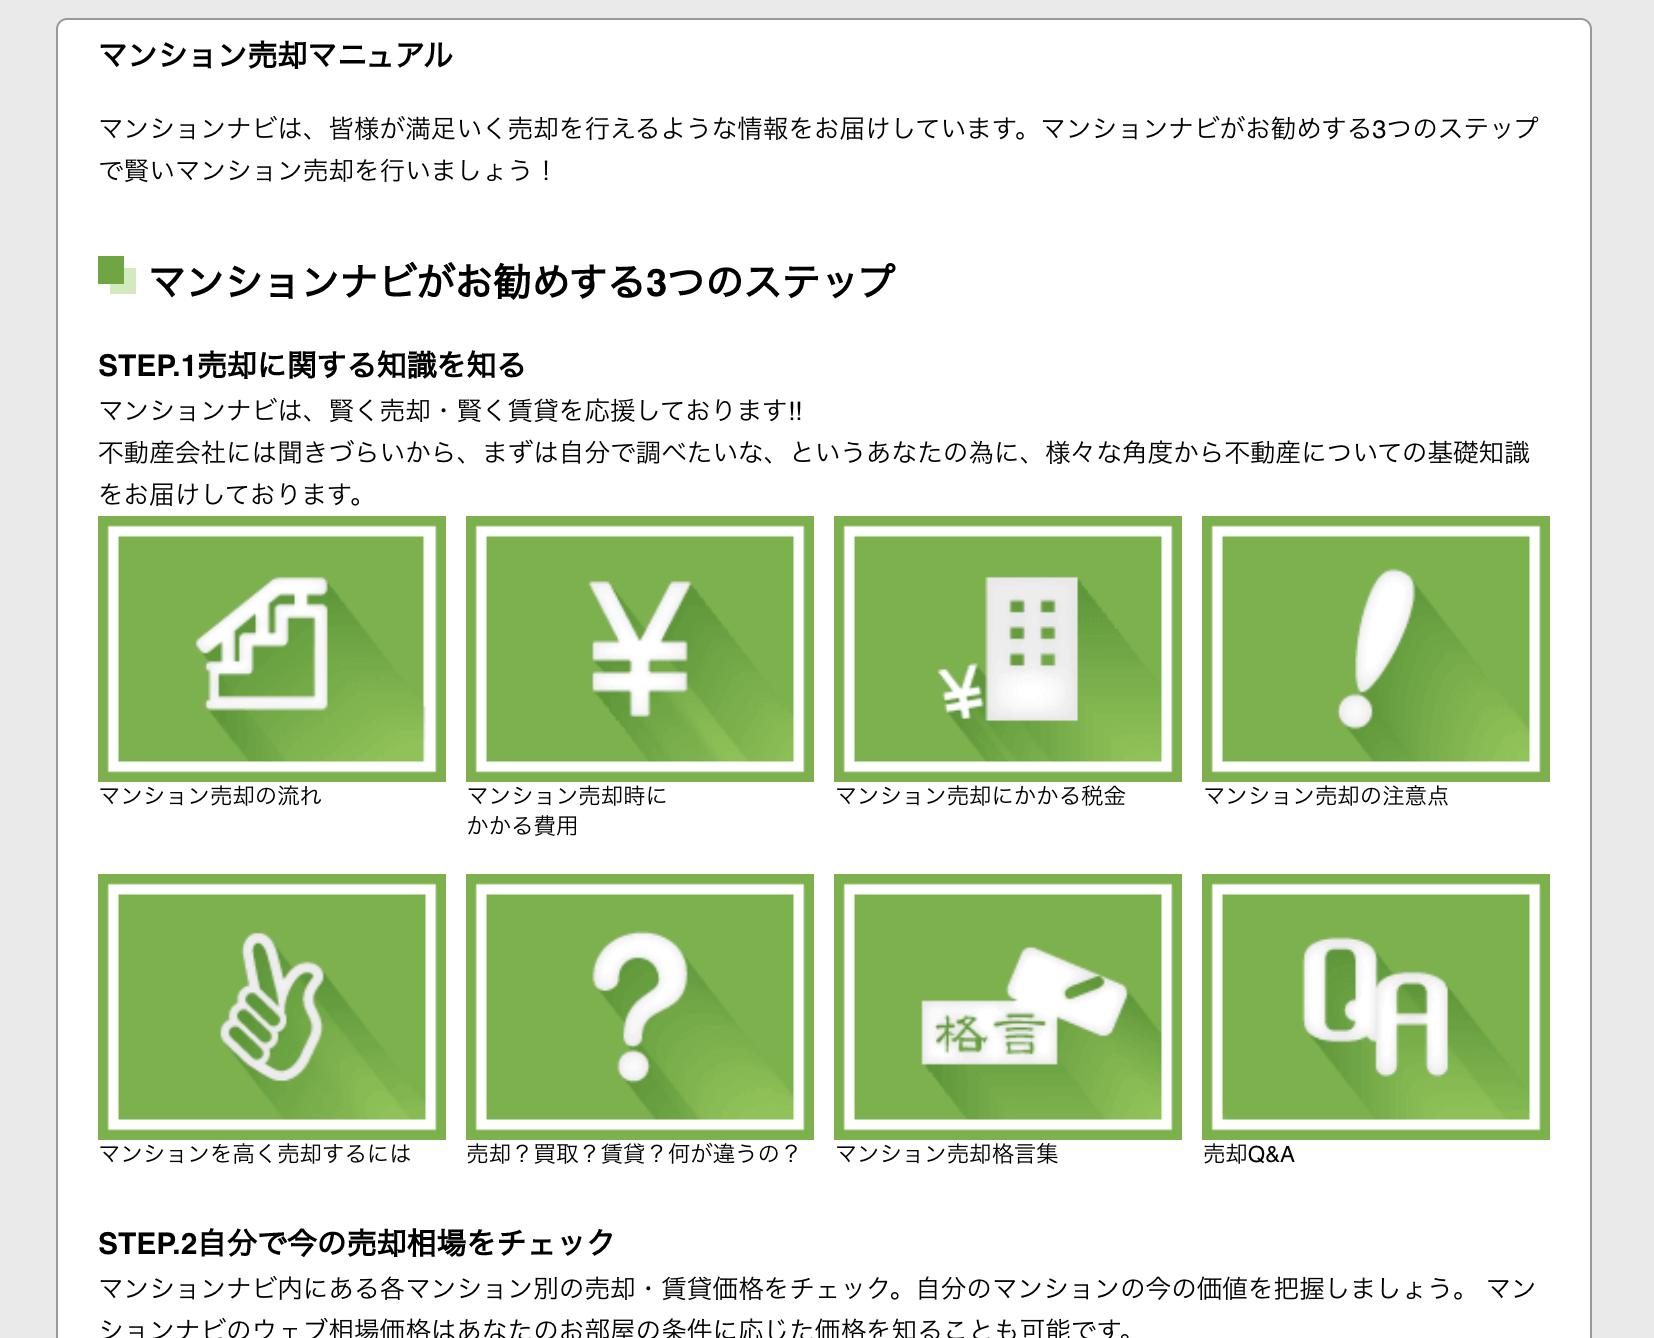 マンションナビ_売却マニュアル